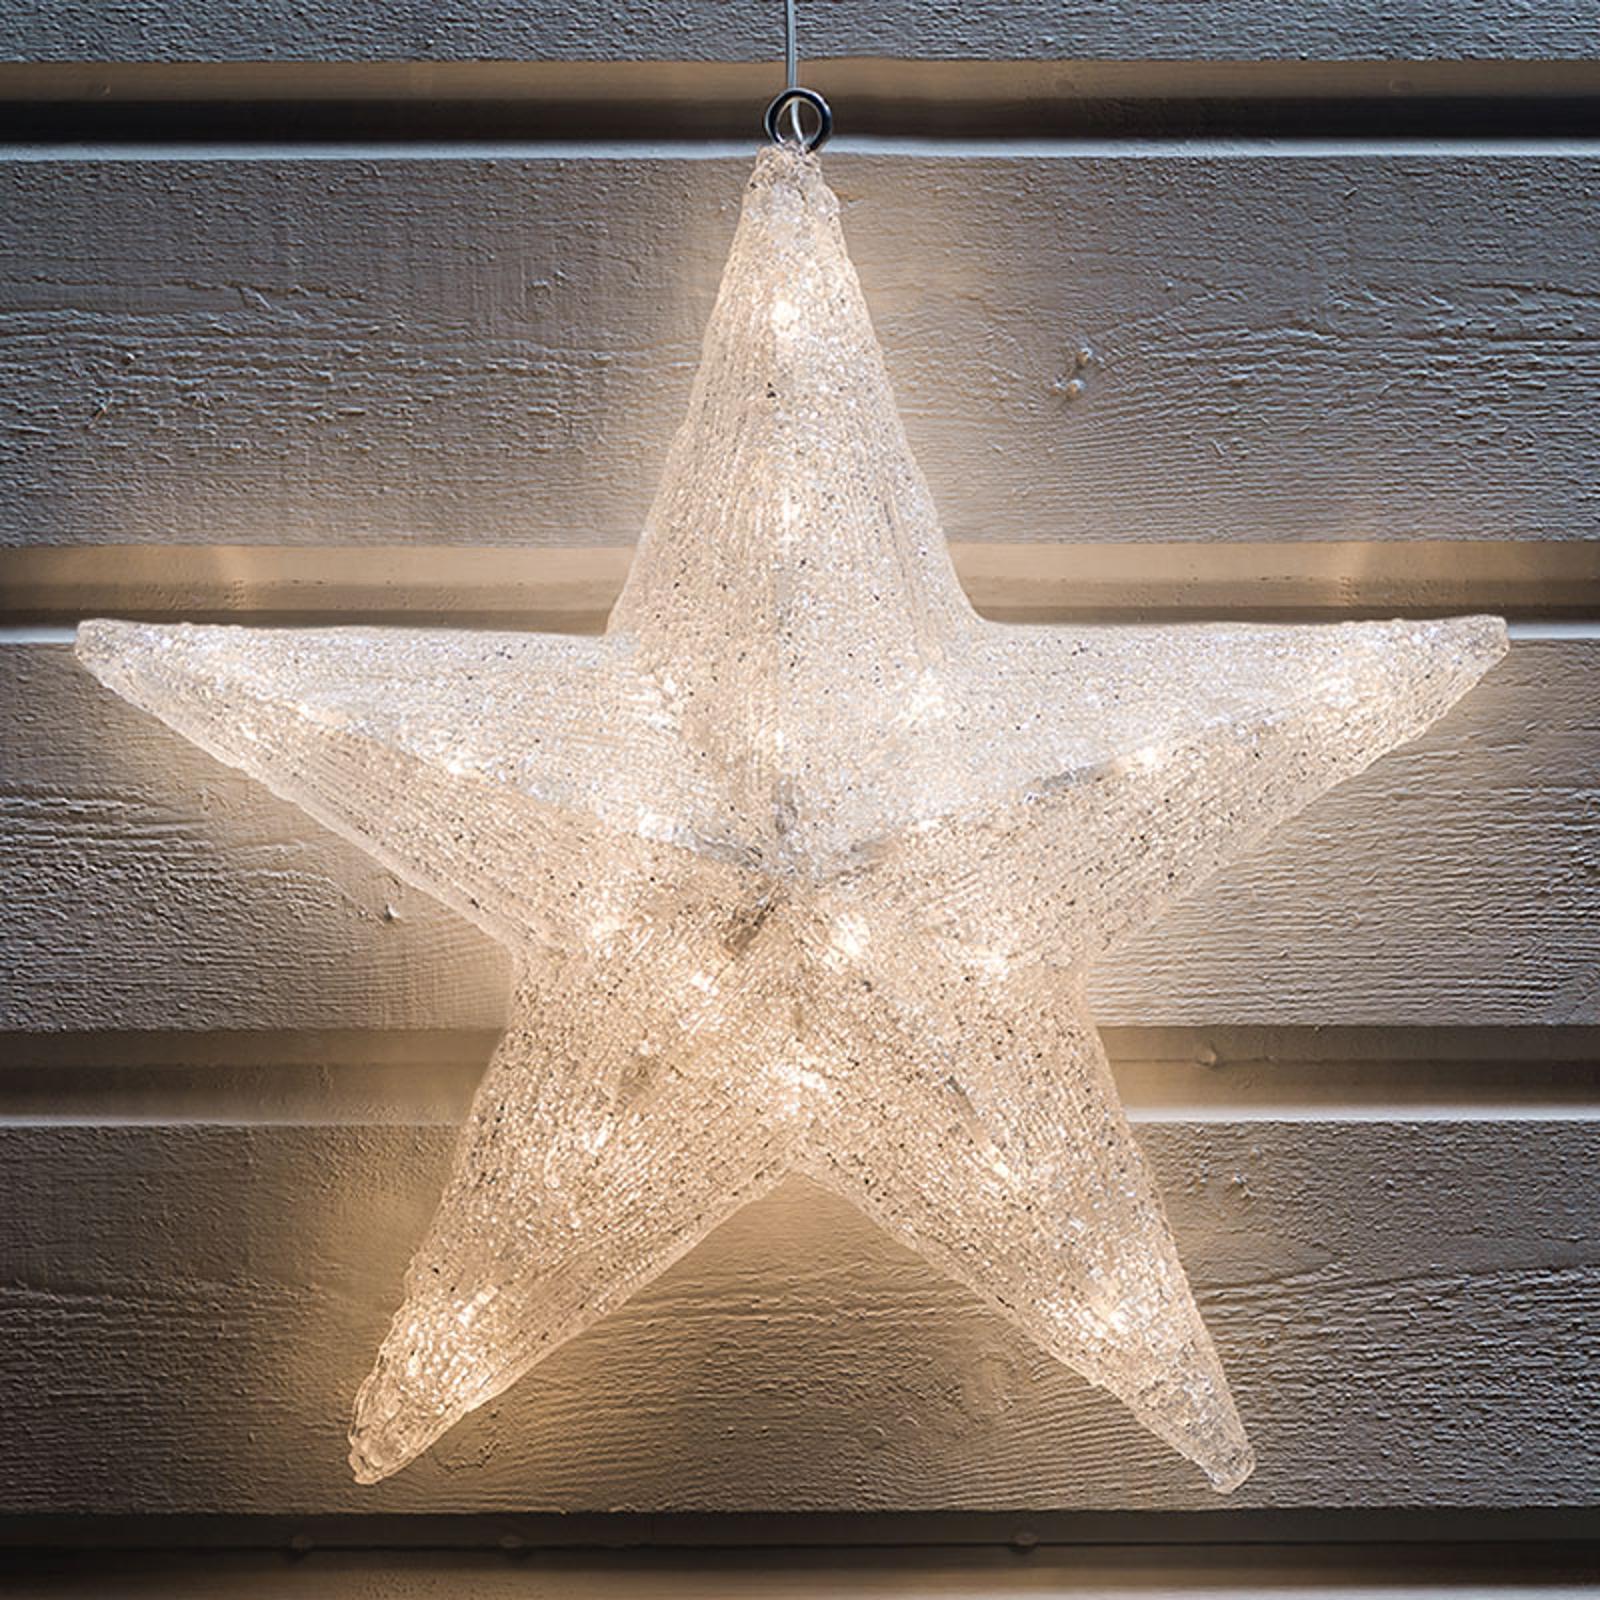 Étoile déco LED pour l'extérieur, Ø 40cm